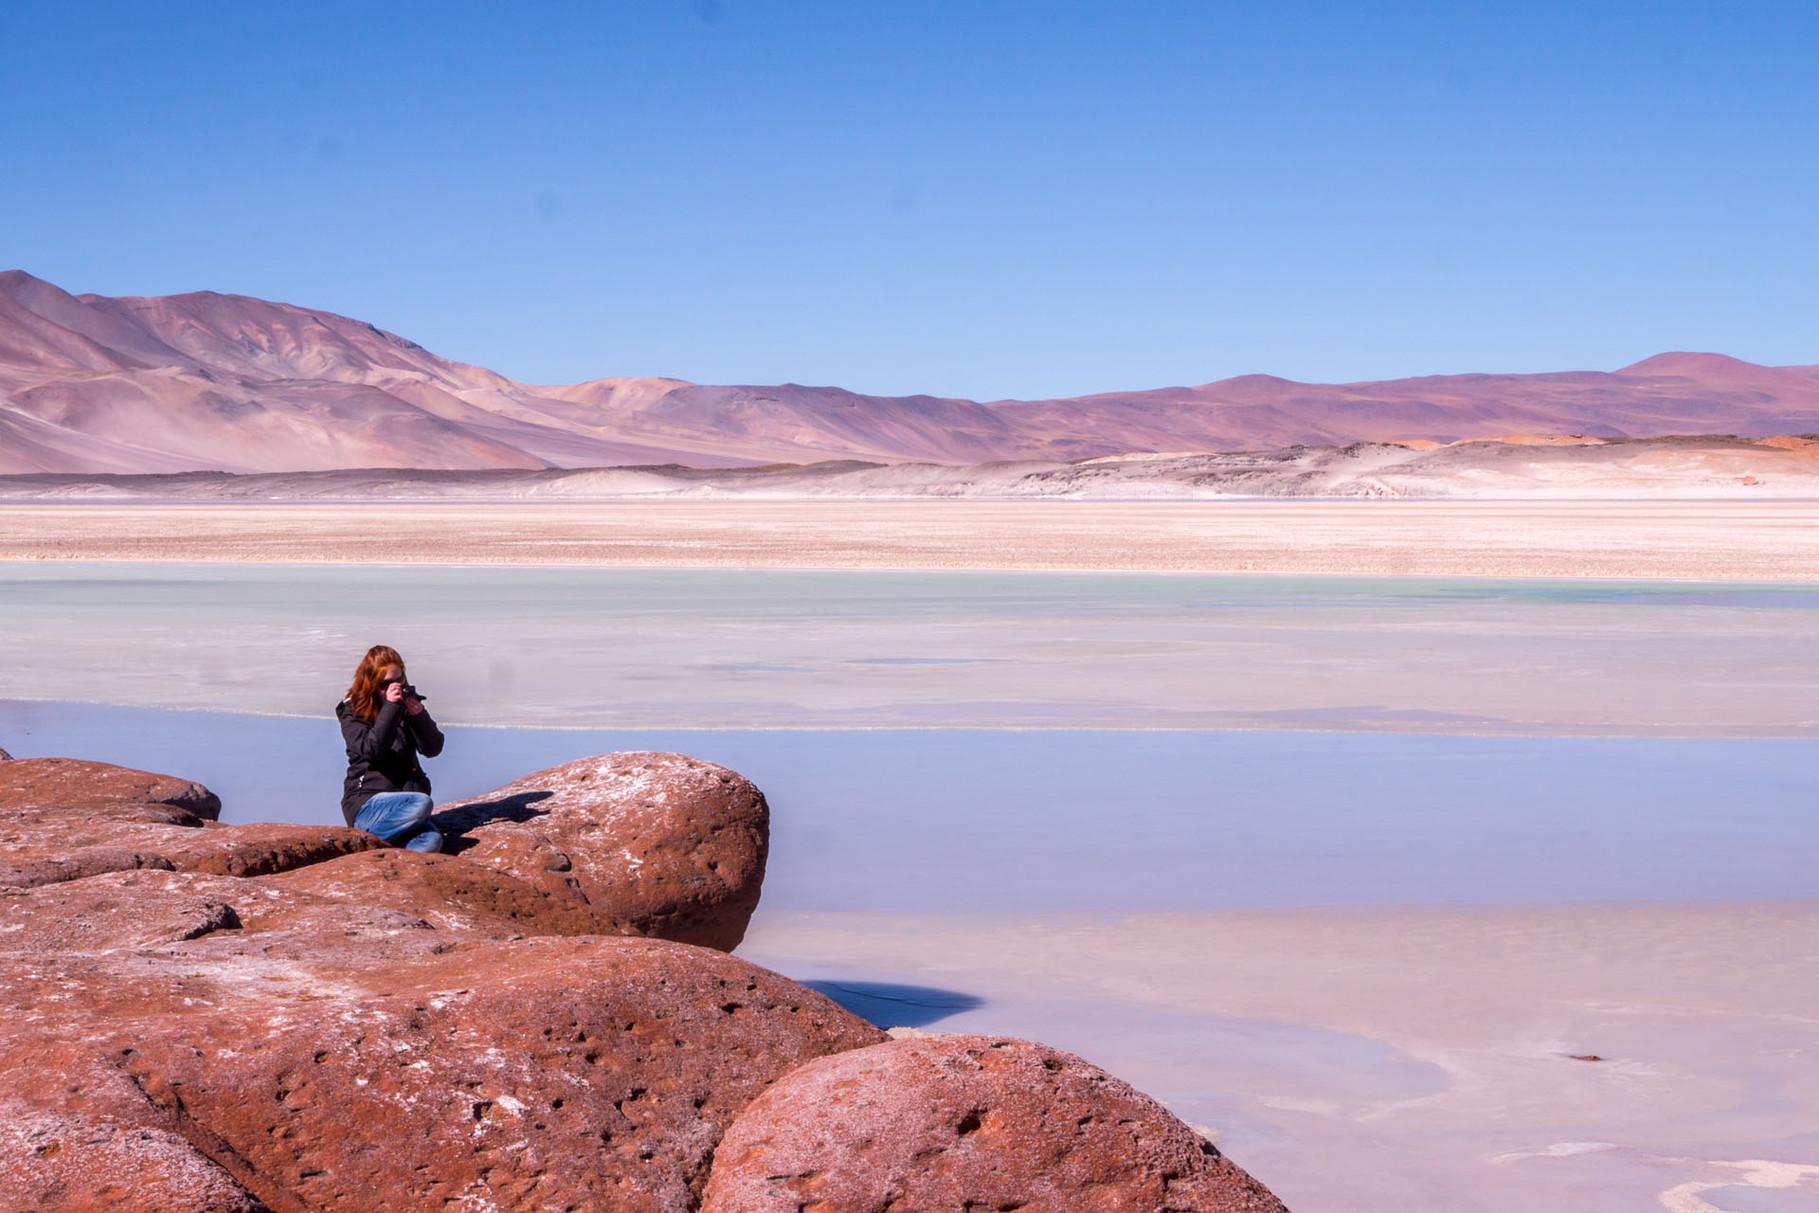 Aguas Calientes y Piedras Rojas de Hierro (Red rocks), near San Pedro de Atacama [Chile, 2014]